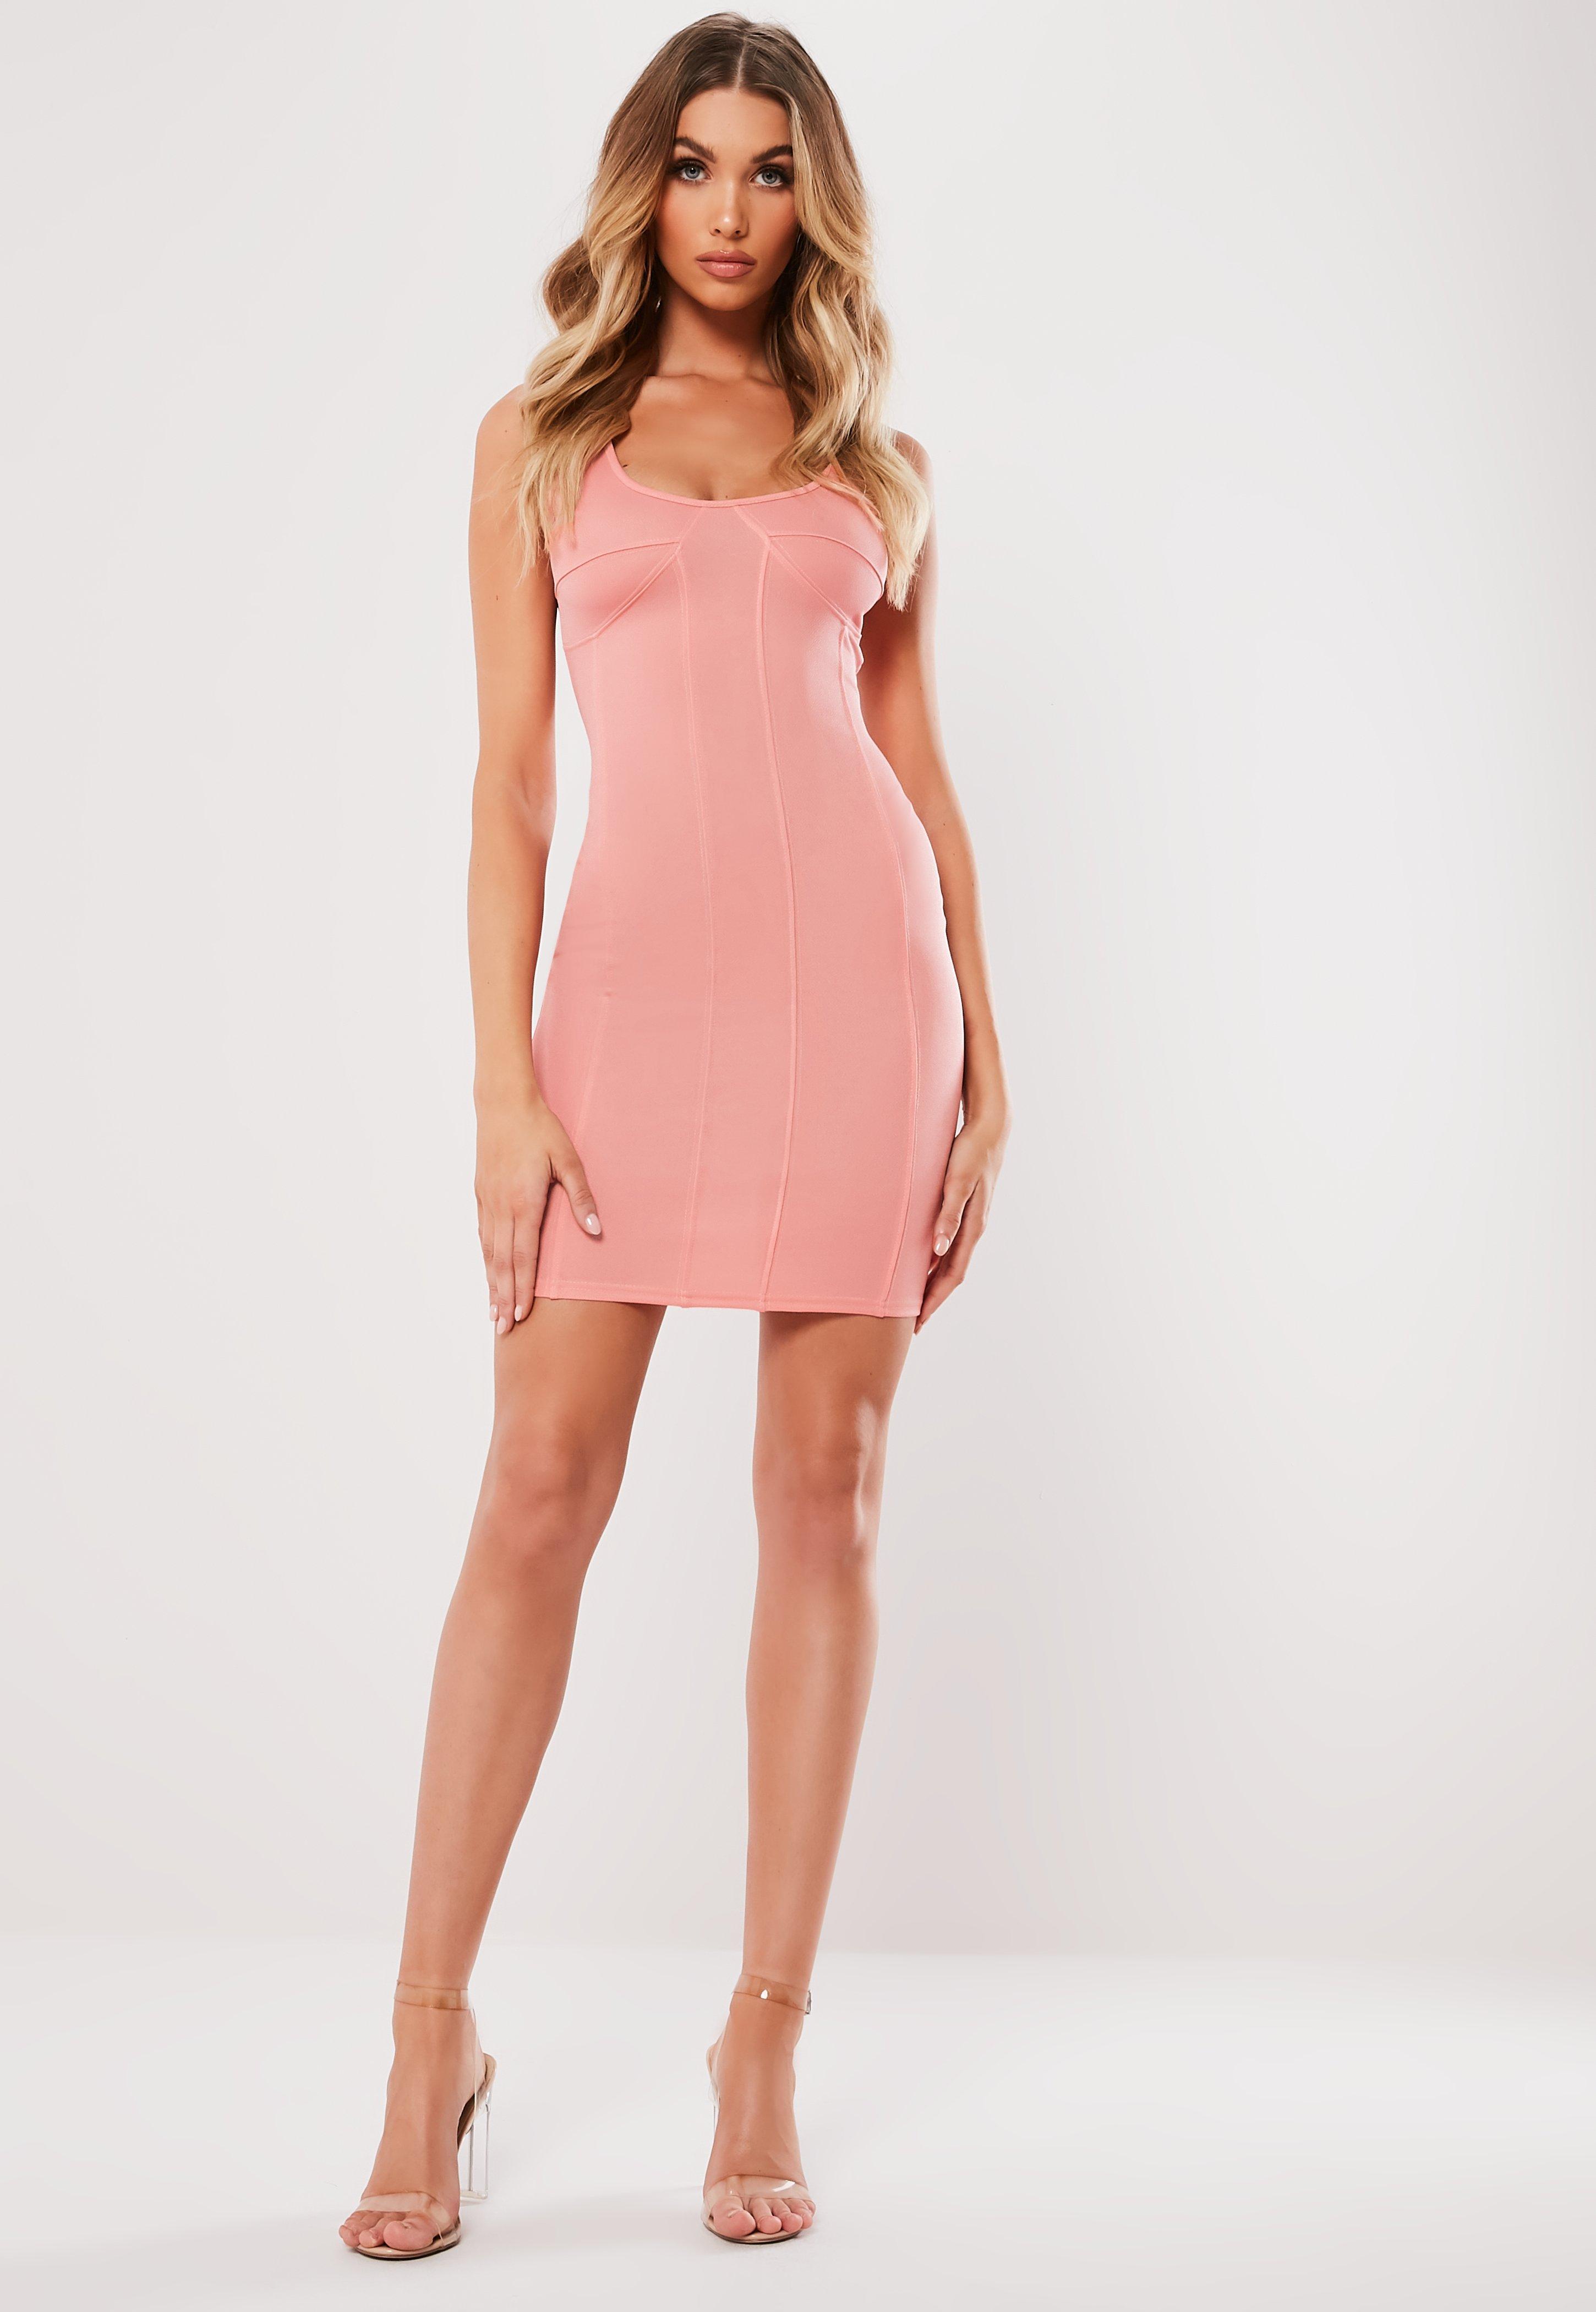 ca0cd4d559c7c Pink Dresses